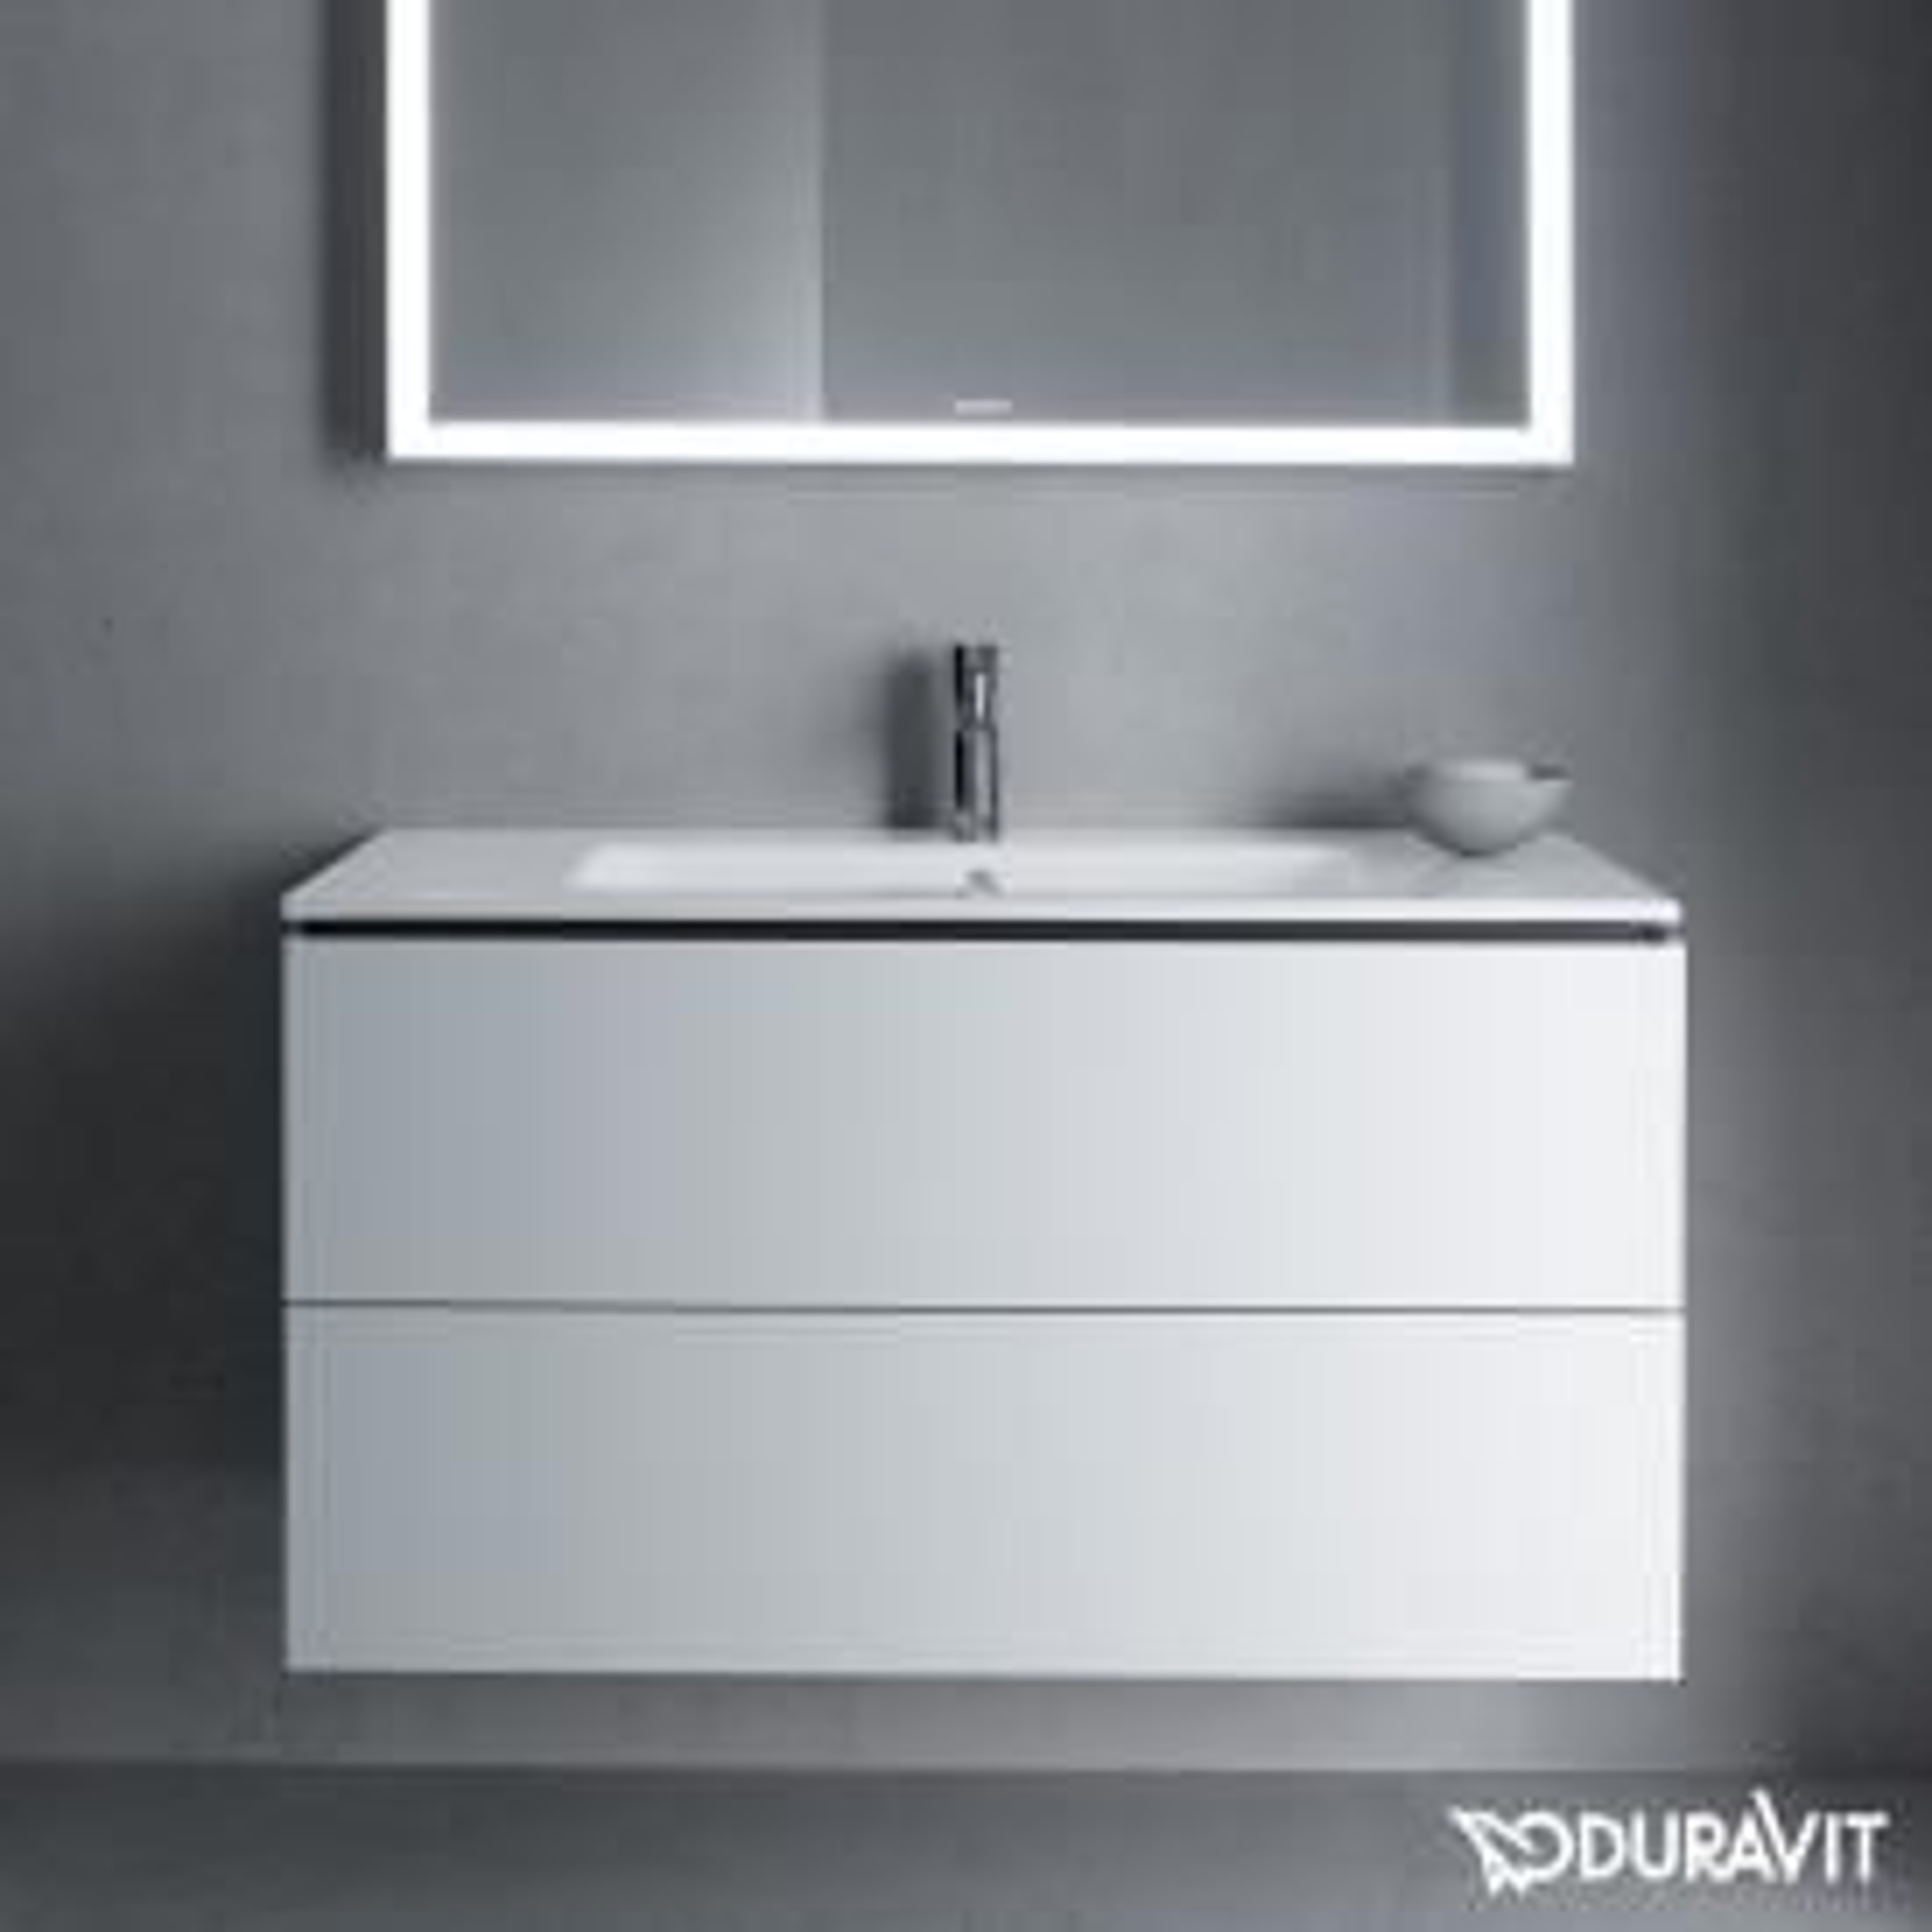 Badezimmer Waschbecken Mit Unterschrank | Waschtischkombinationen Waschbecken Mit Unterschrank Bei Reuter